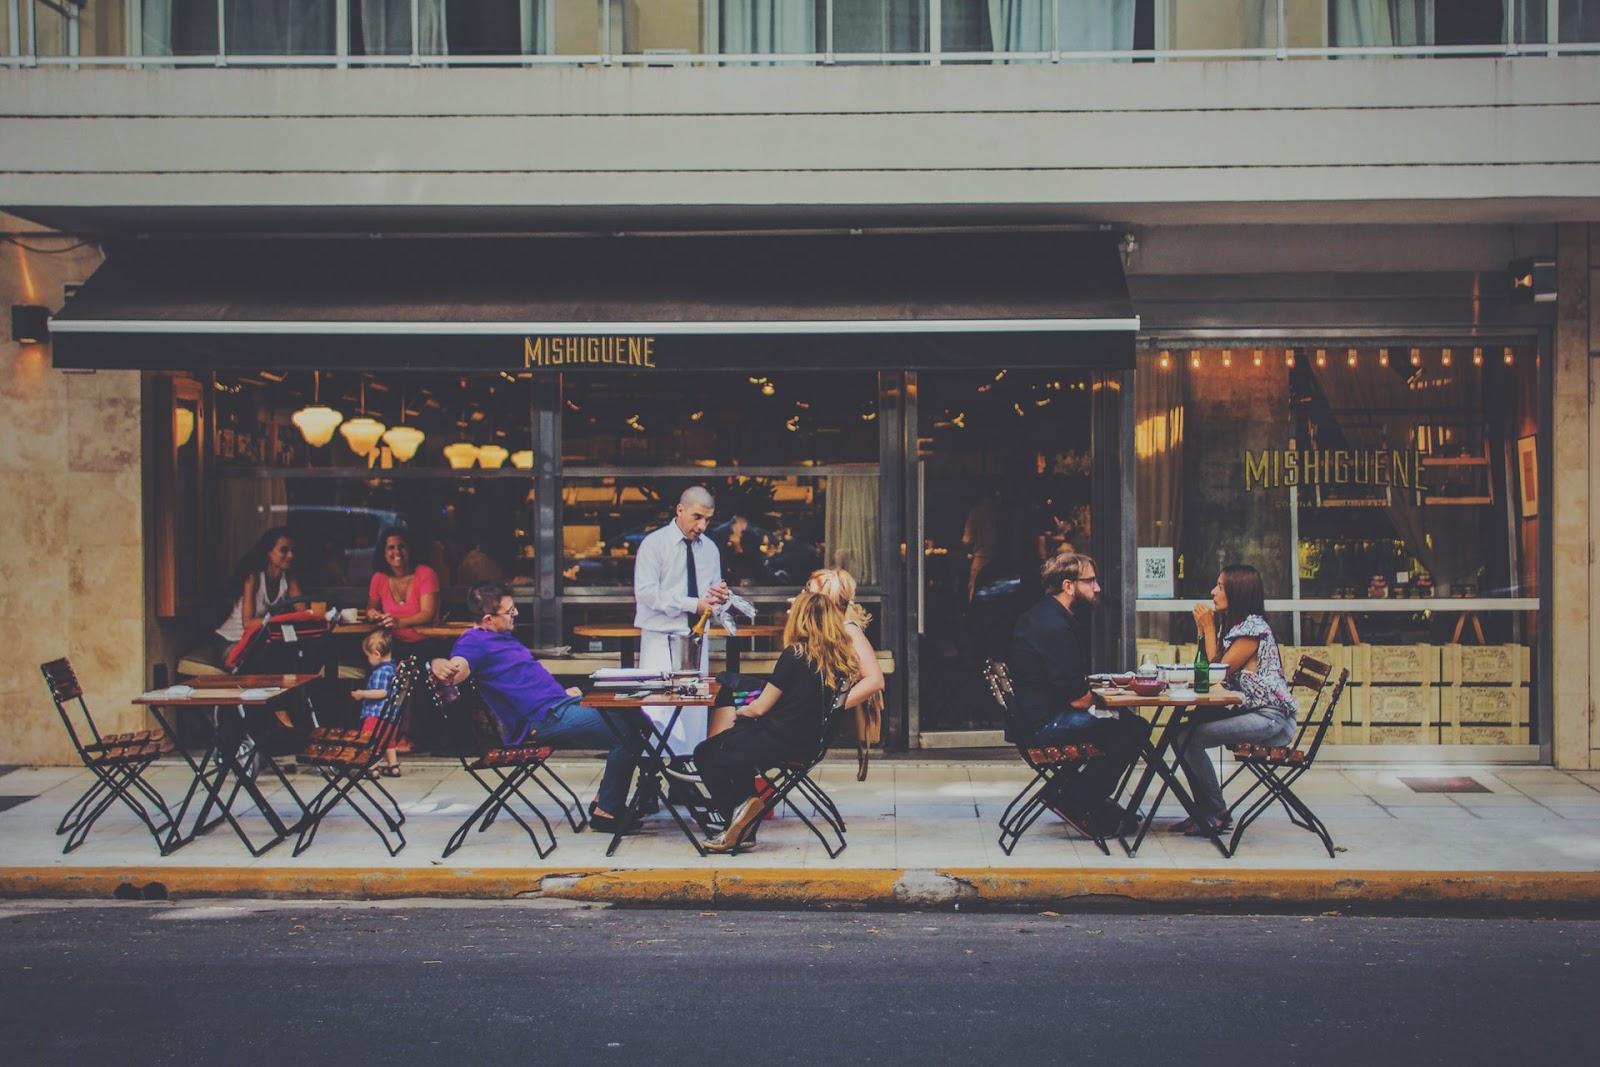 Ausbildung zum Restaurantfachmann und zur Restaurantfachfrau